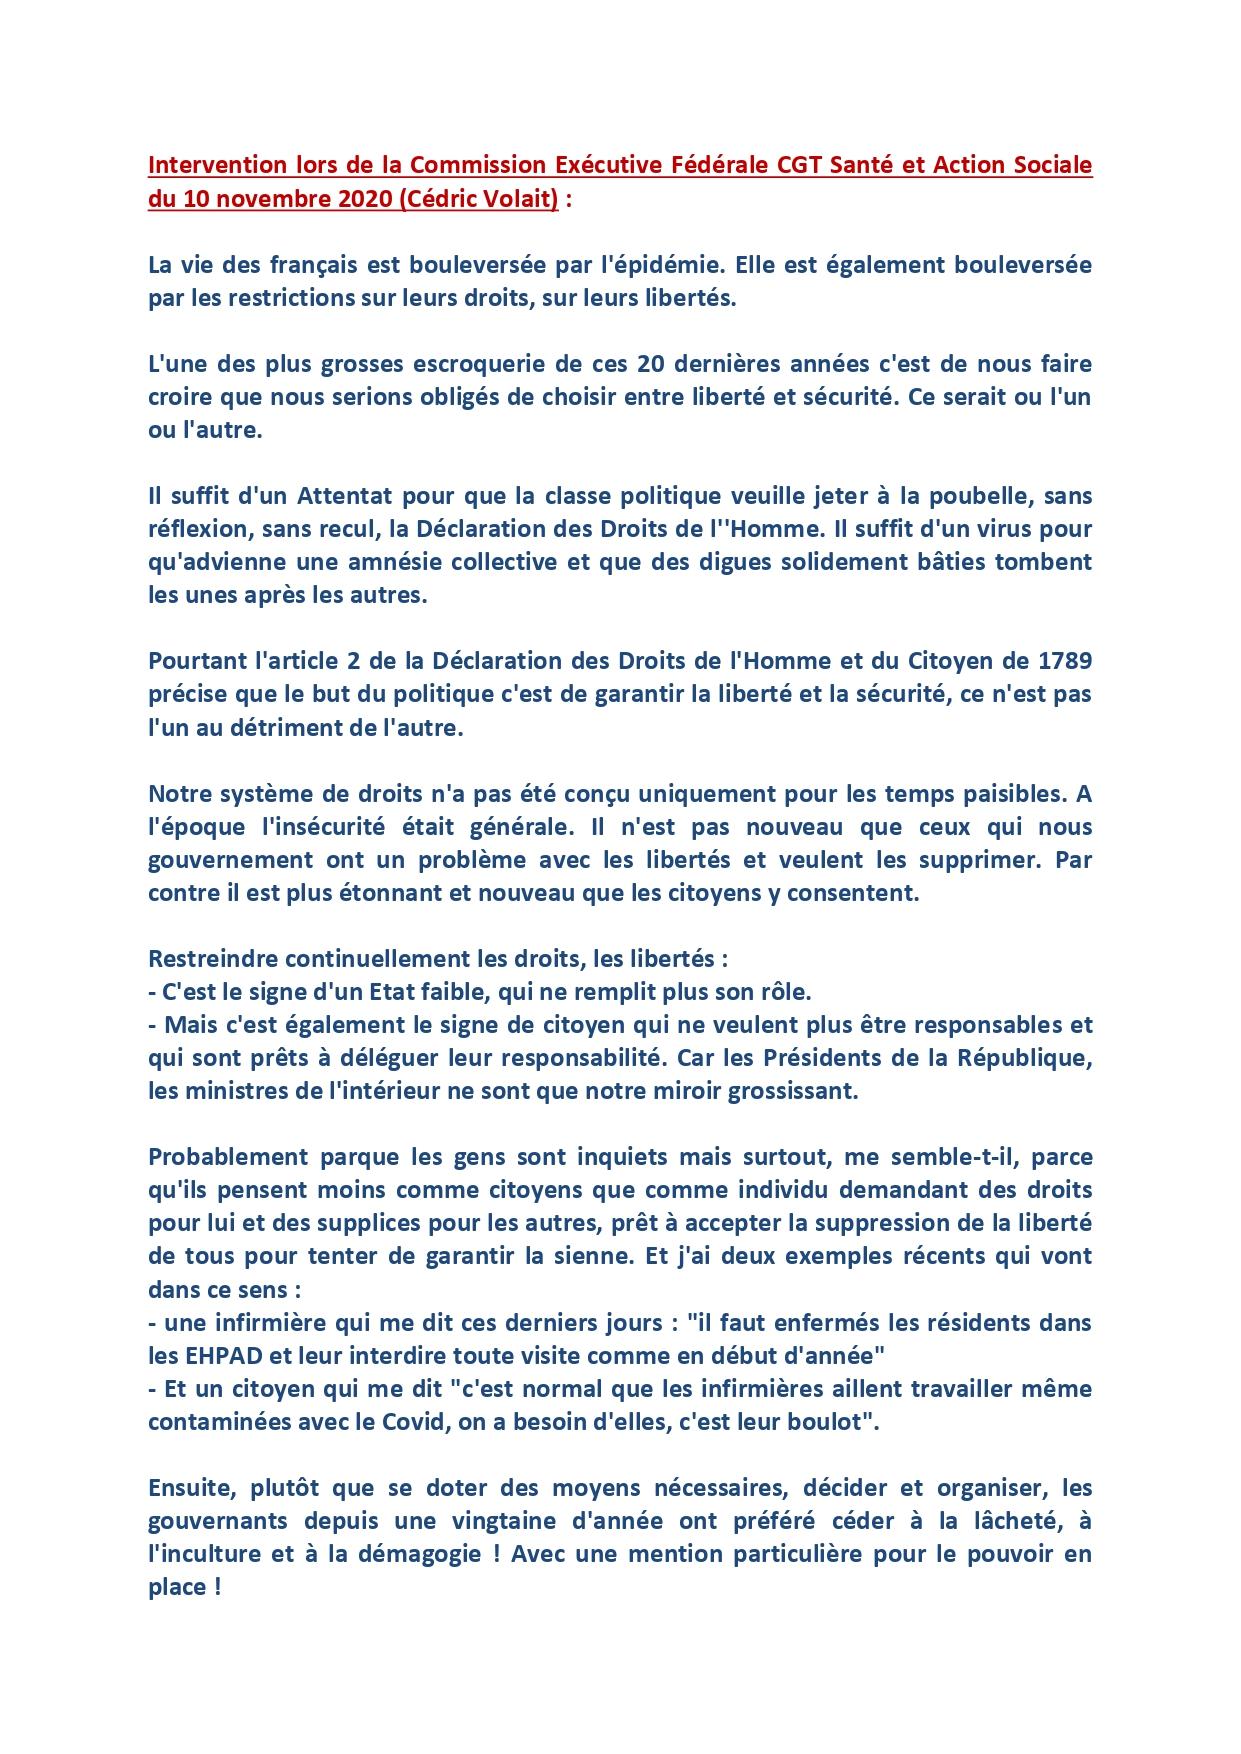 1307. Intervention CE Fédérale CGT Santé sur les Libertés (1 sur 2)